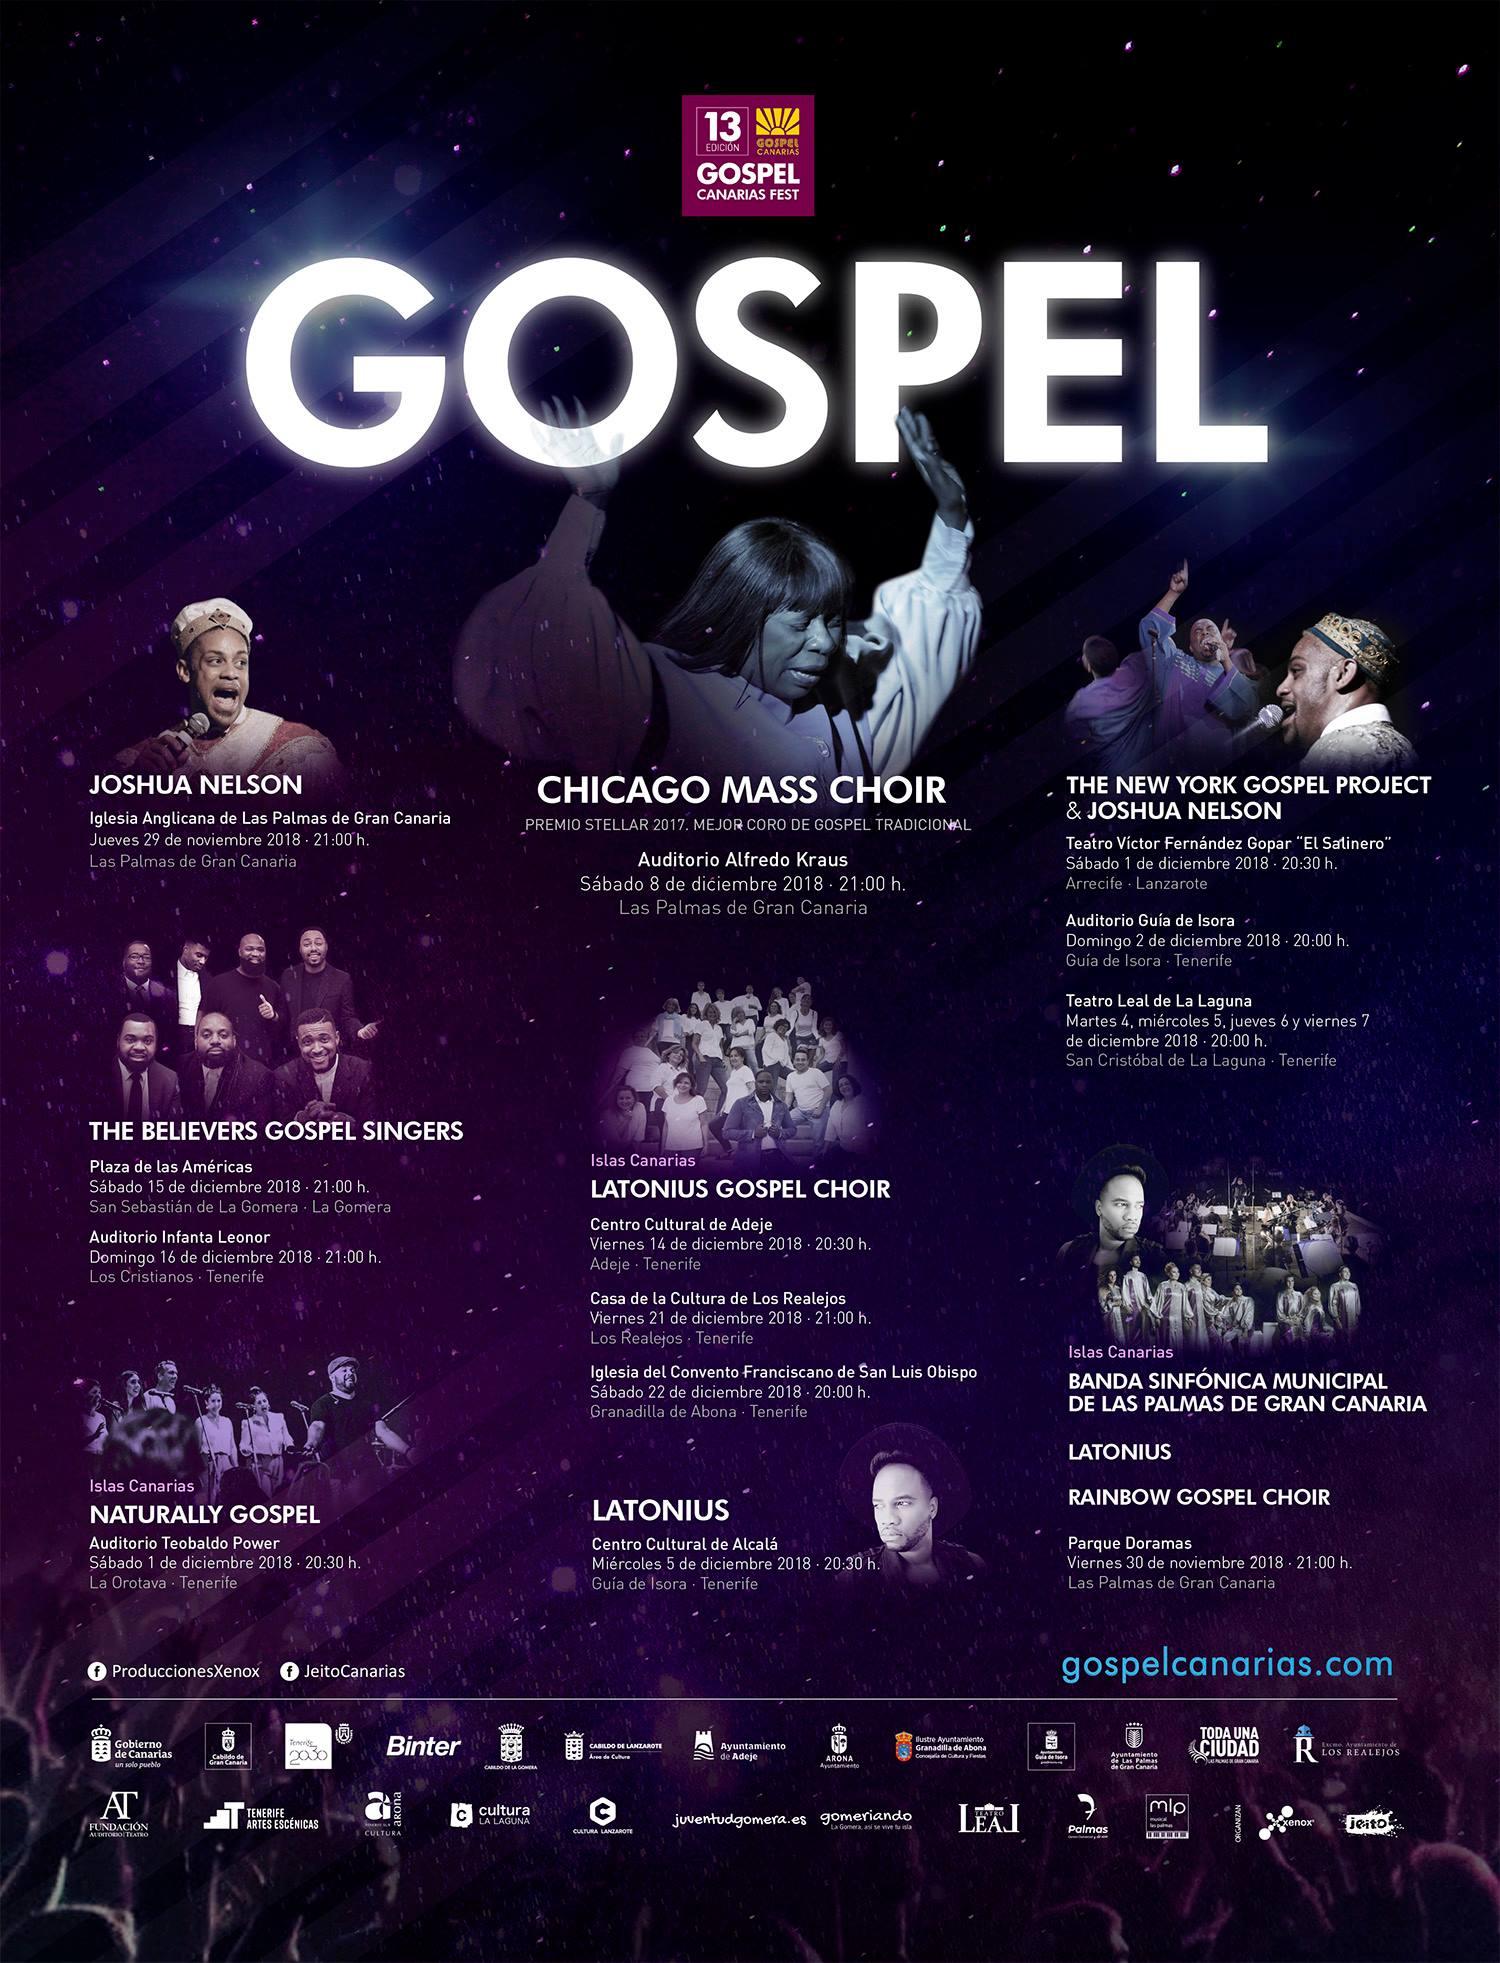 Festival-Gospel-Canarias